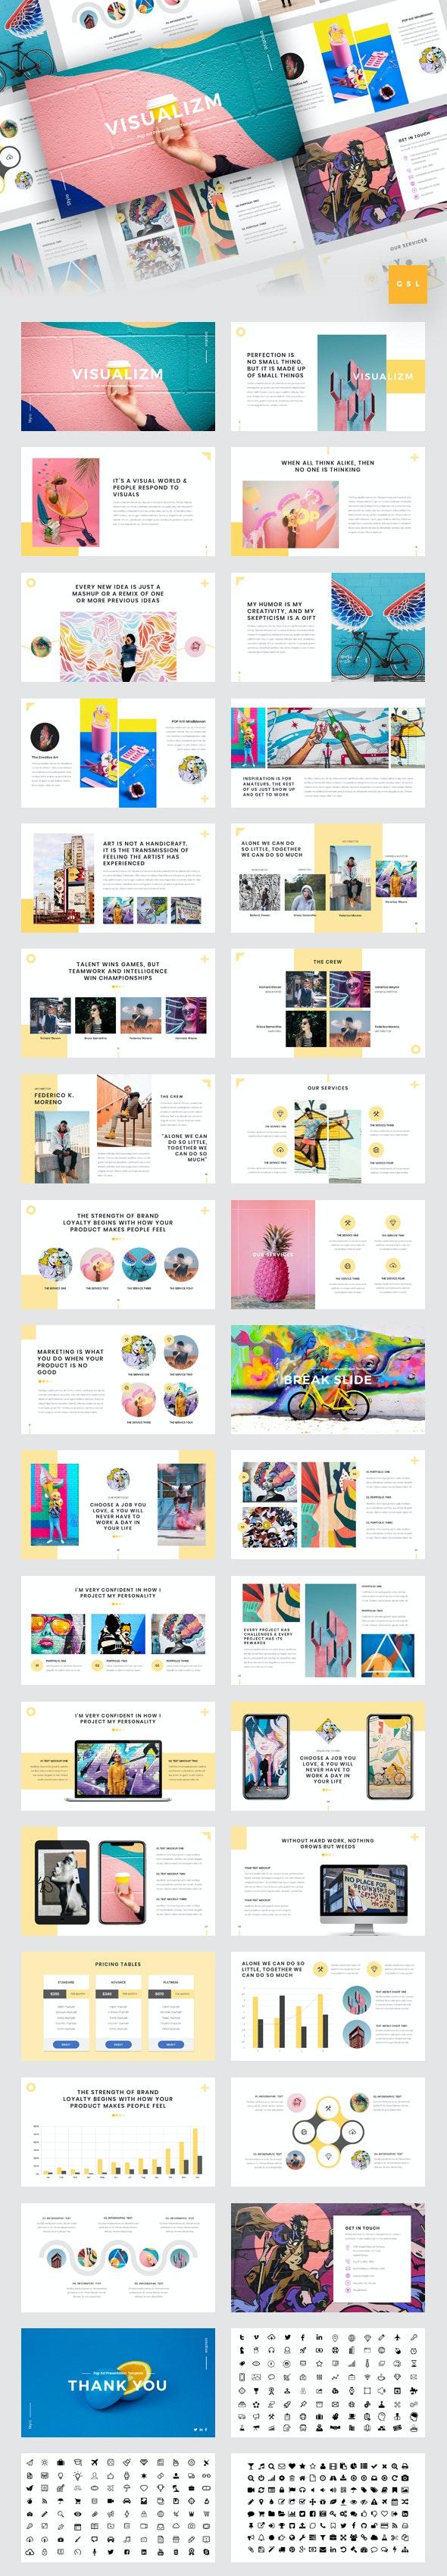 Visualizm - Pop Art & Graffiti Google Slides Template - Google Slides Presentation Templates